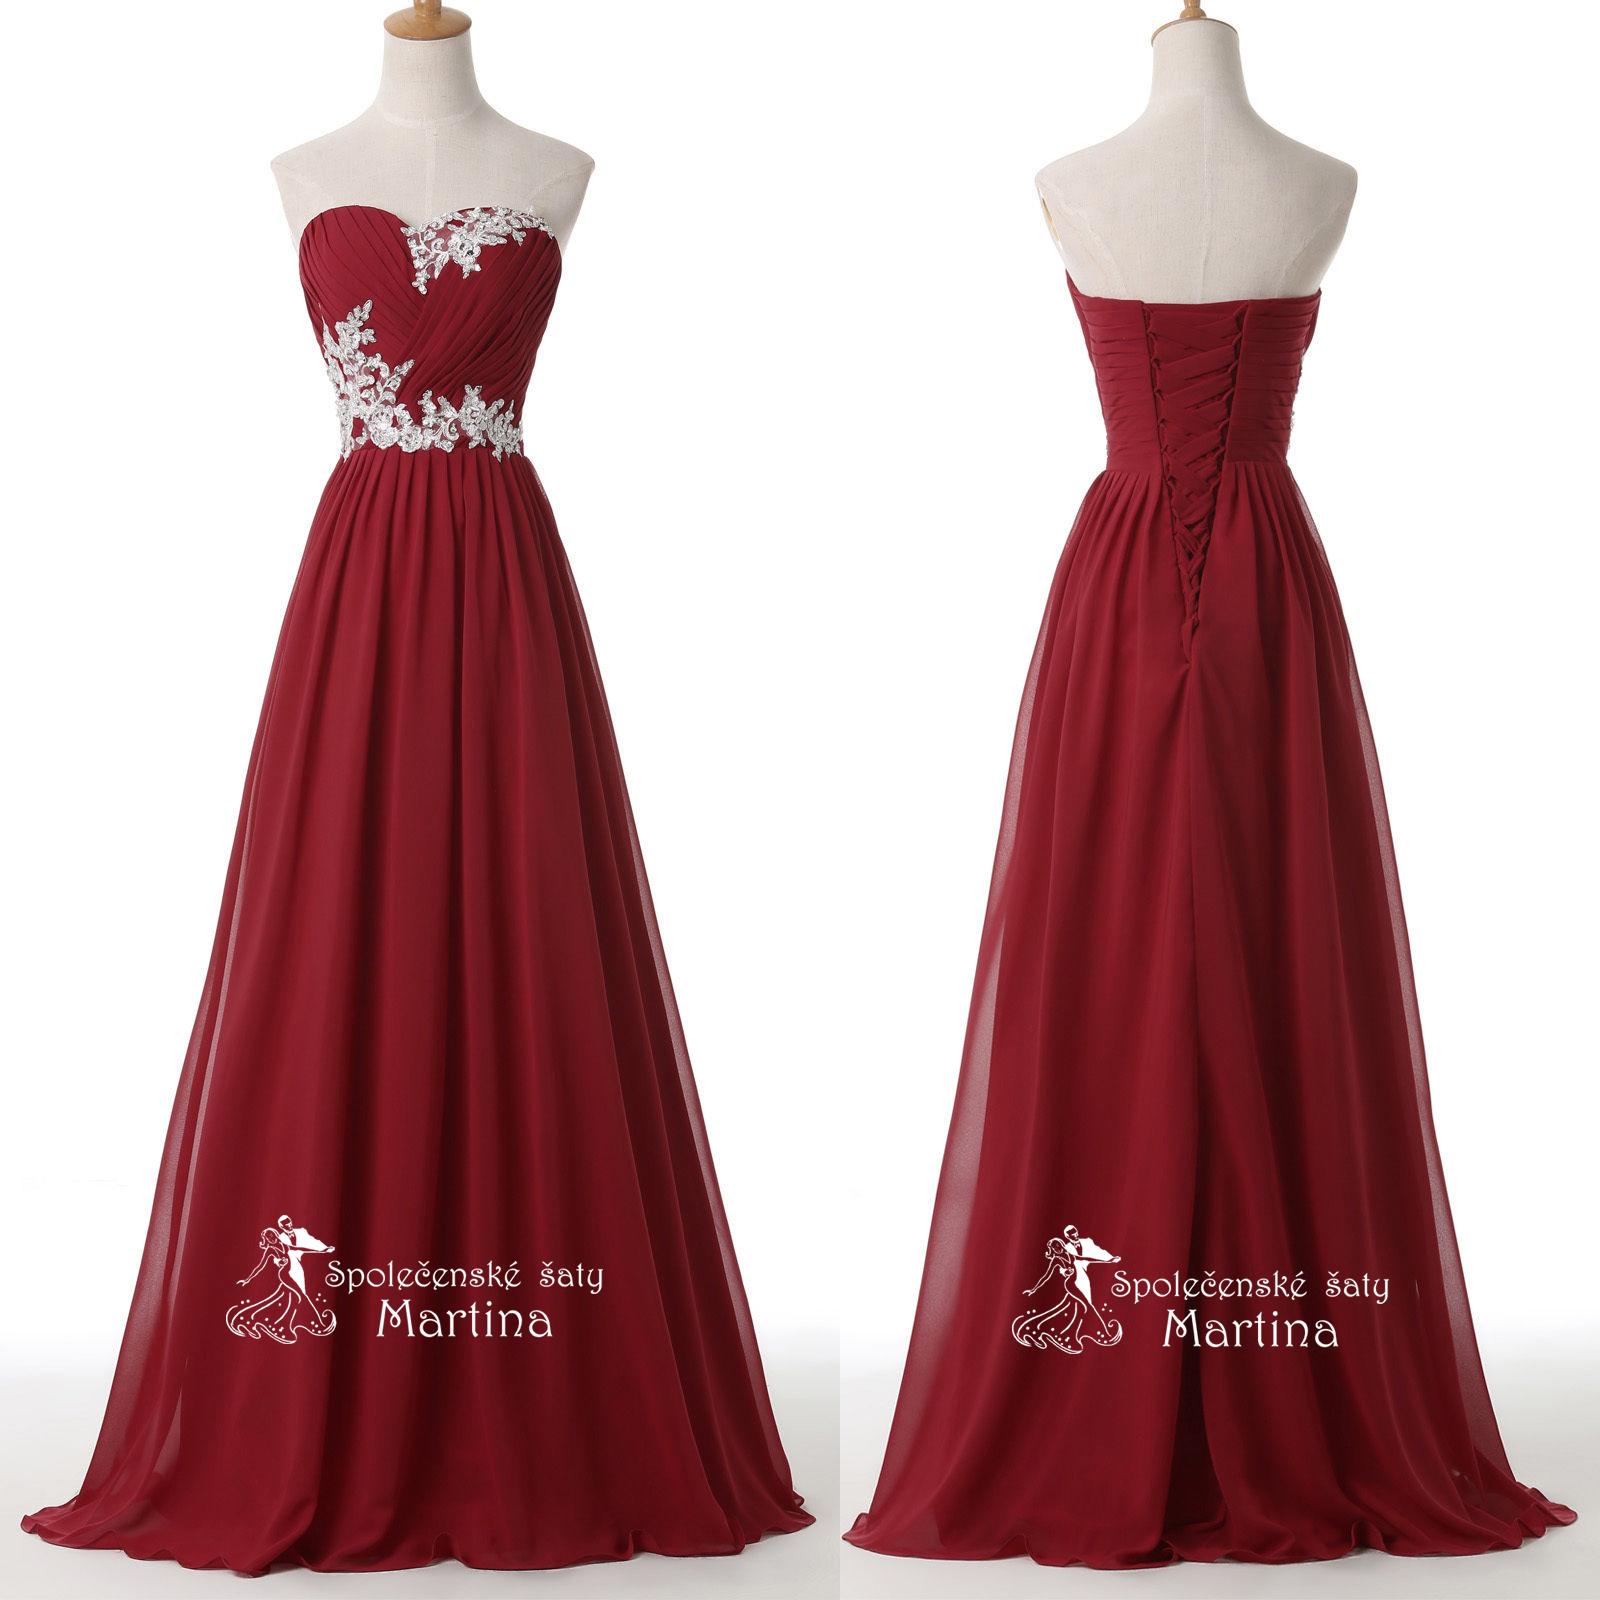 6d773b31c68b Červené společenské šaty antického střihu